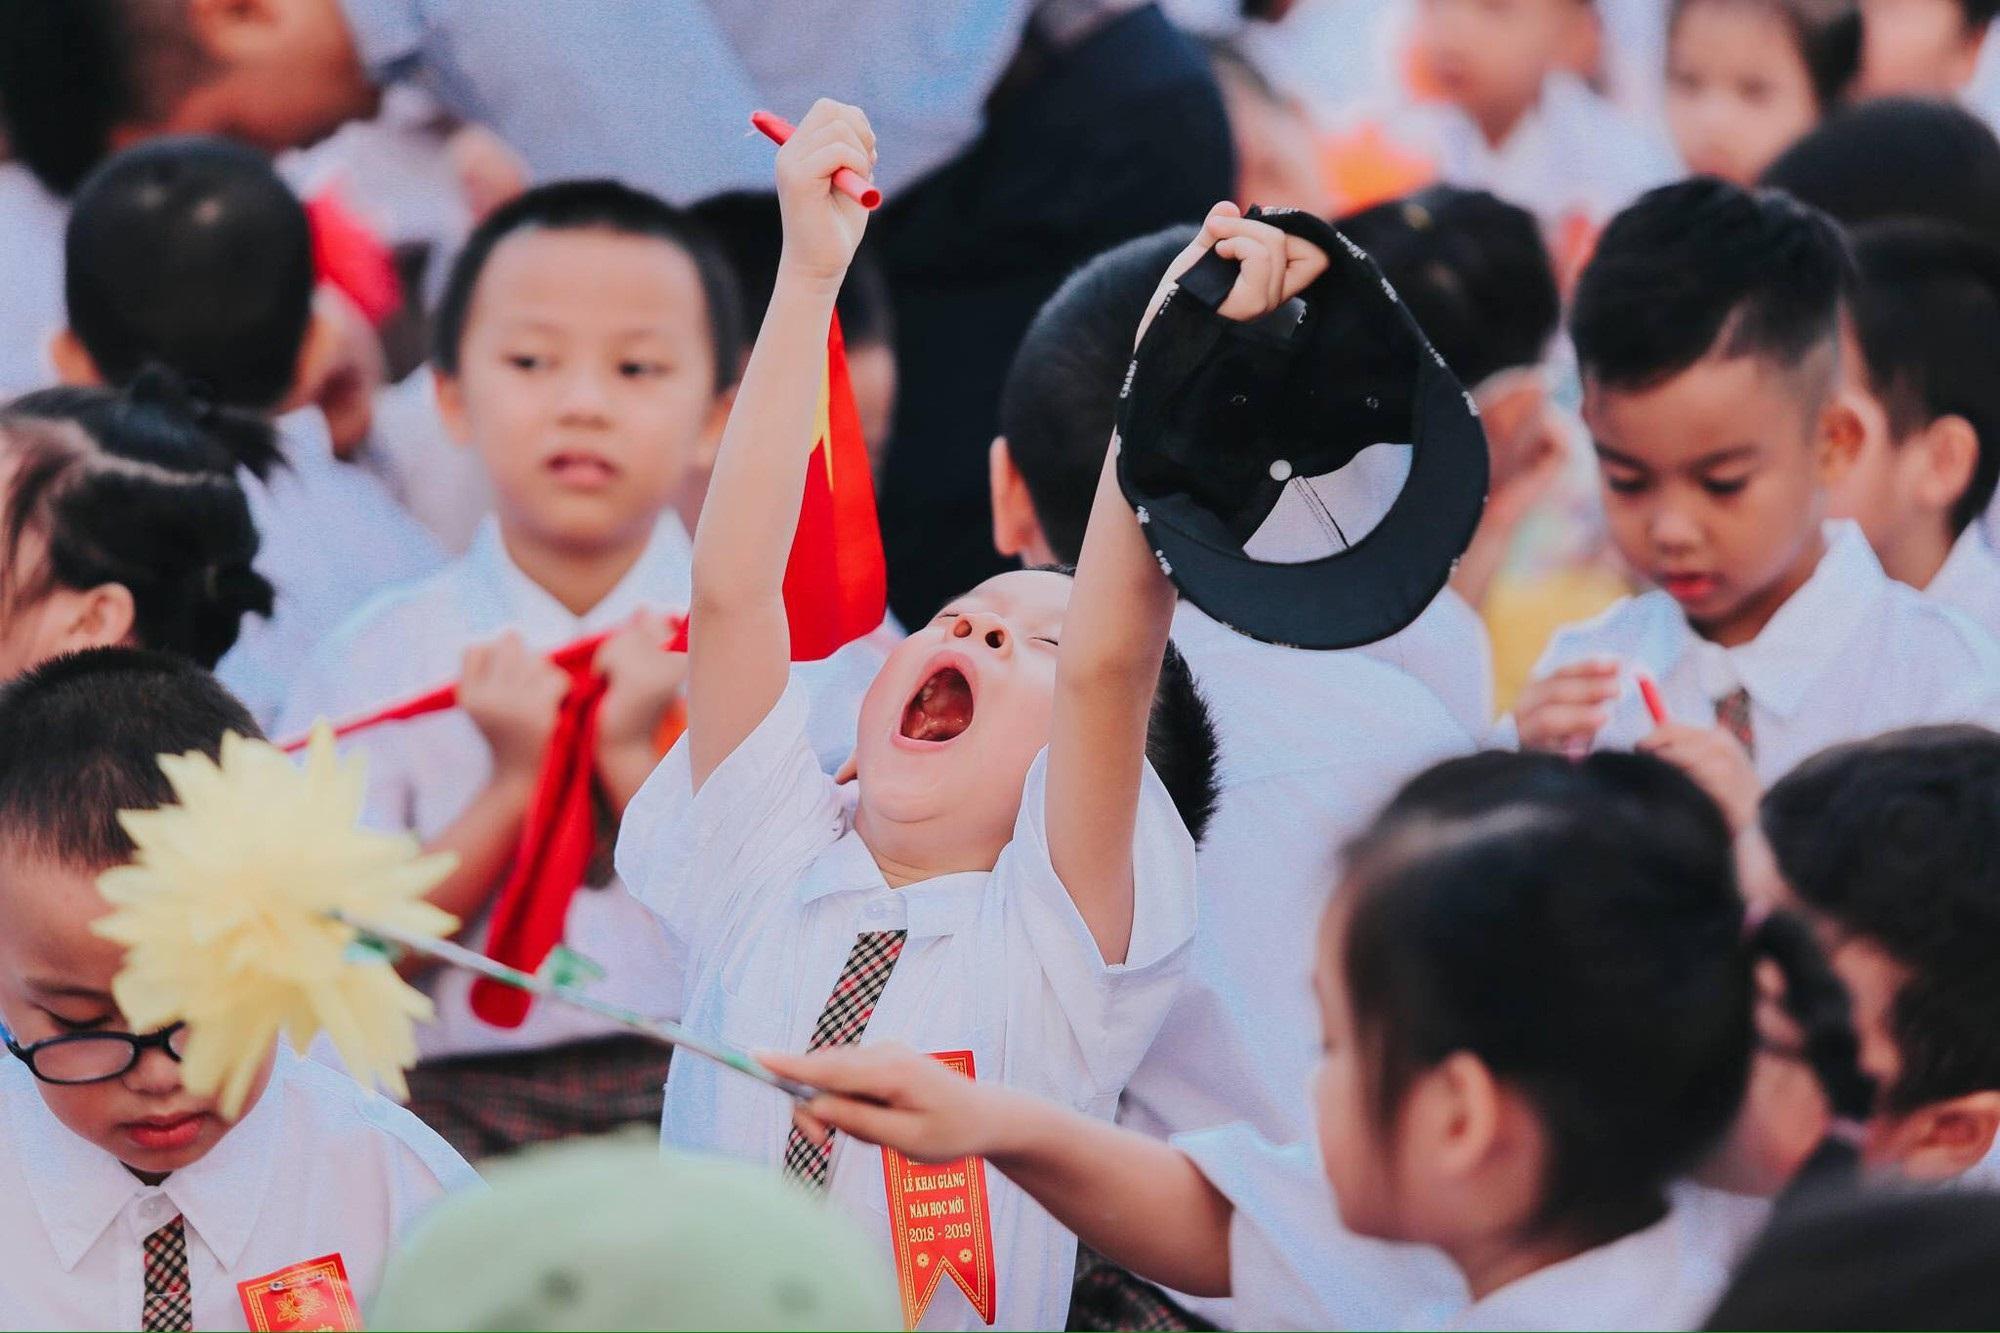 Chùm ảnh: Giọt nước mắt bỡ ngỡ và những biểu cảm khó đỡ của các em nhỏ trong ngày khai giảng - Ảnh 5